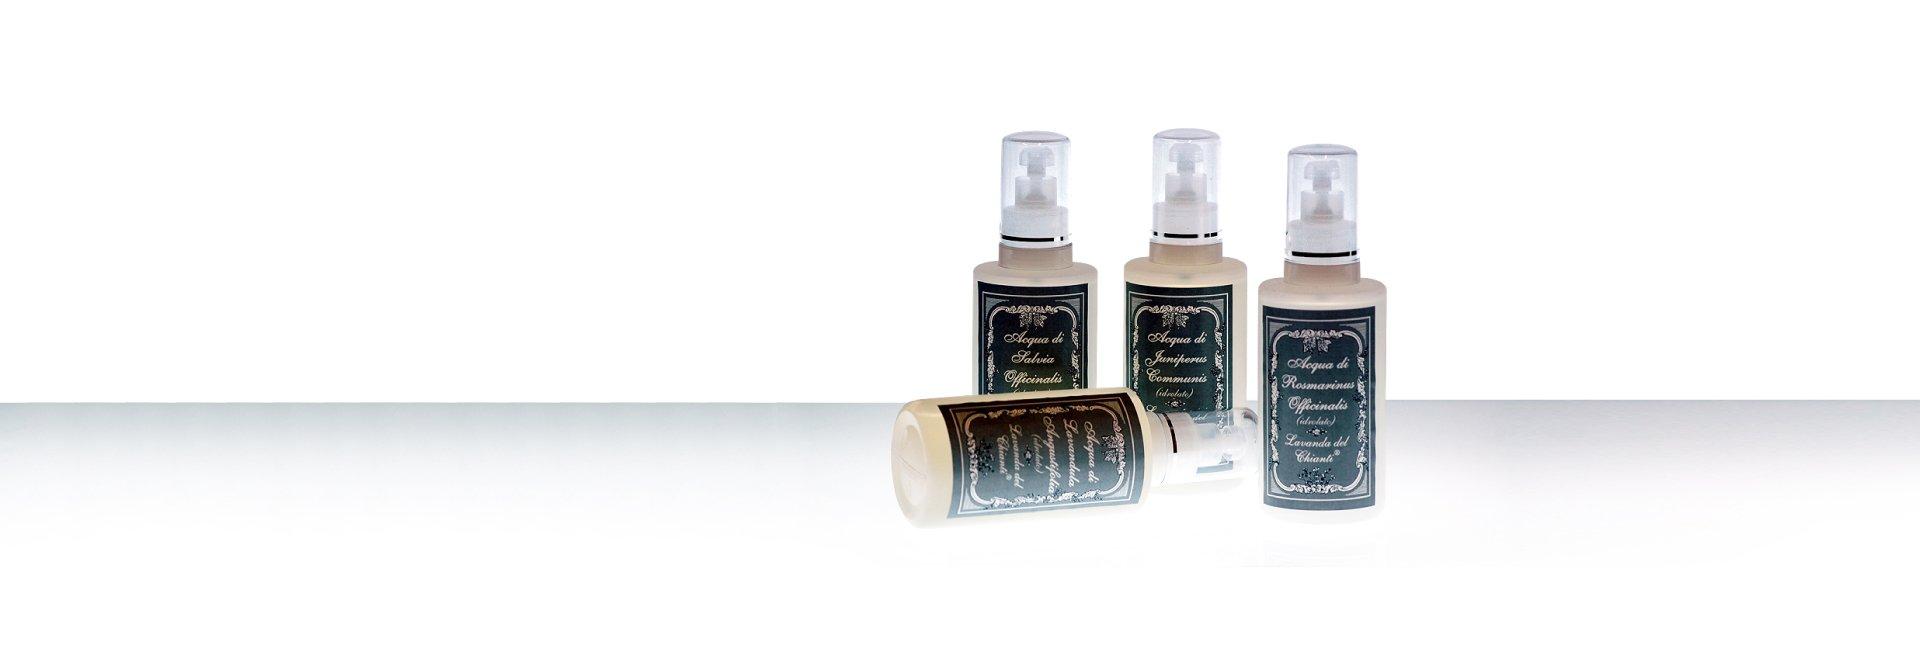 Prodotti Cosmetici Naturali Idrolati